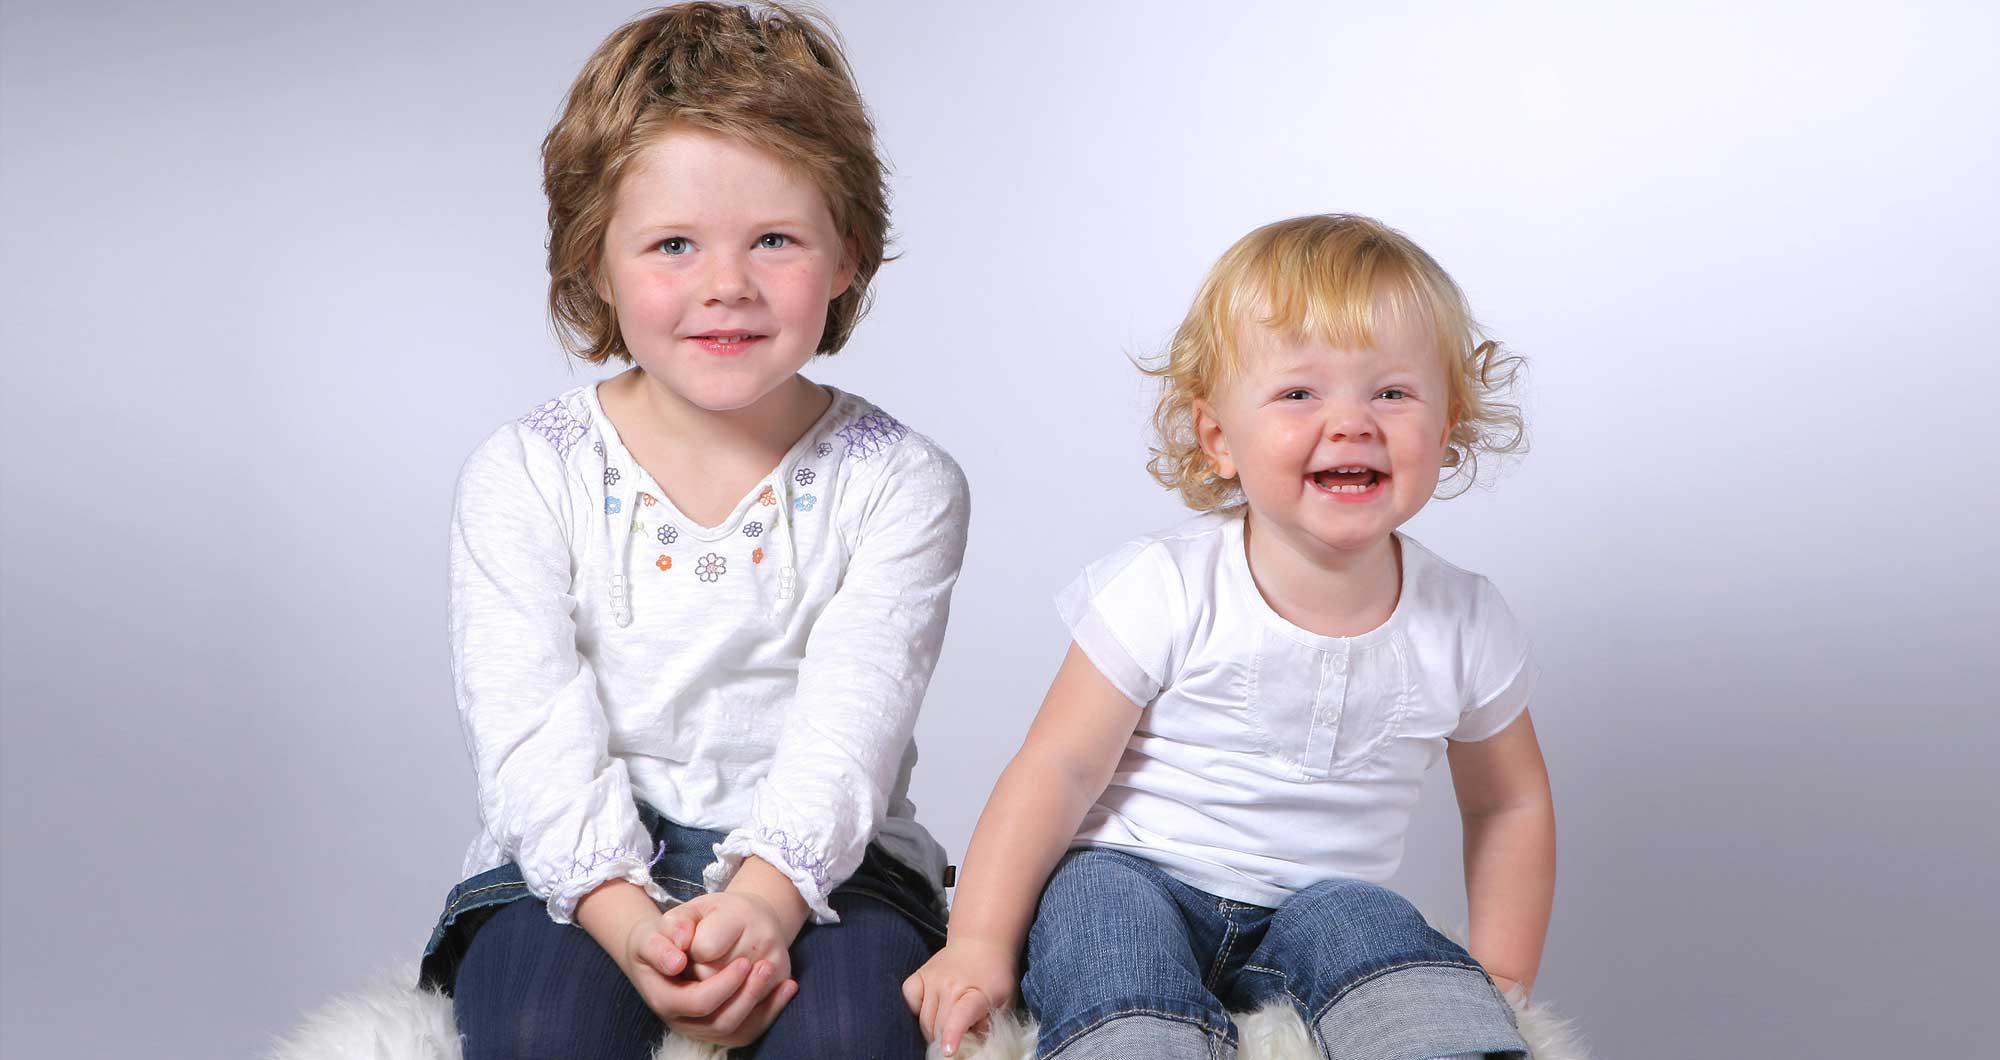 familieundkinderfoto-lenzvonkolkow08